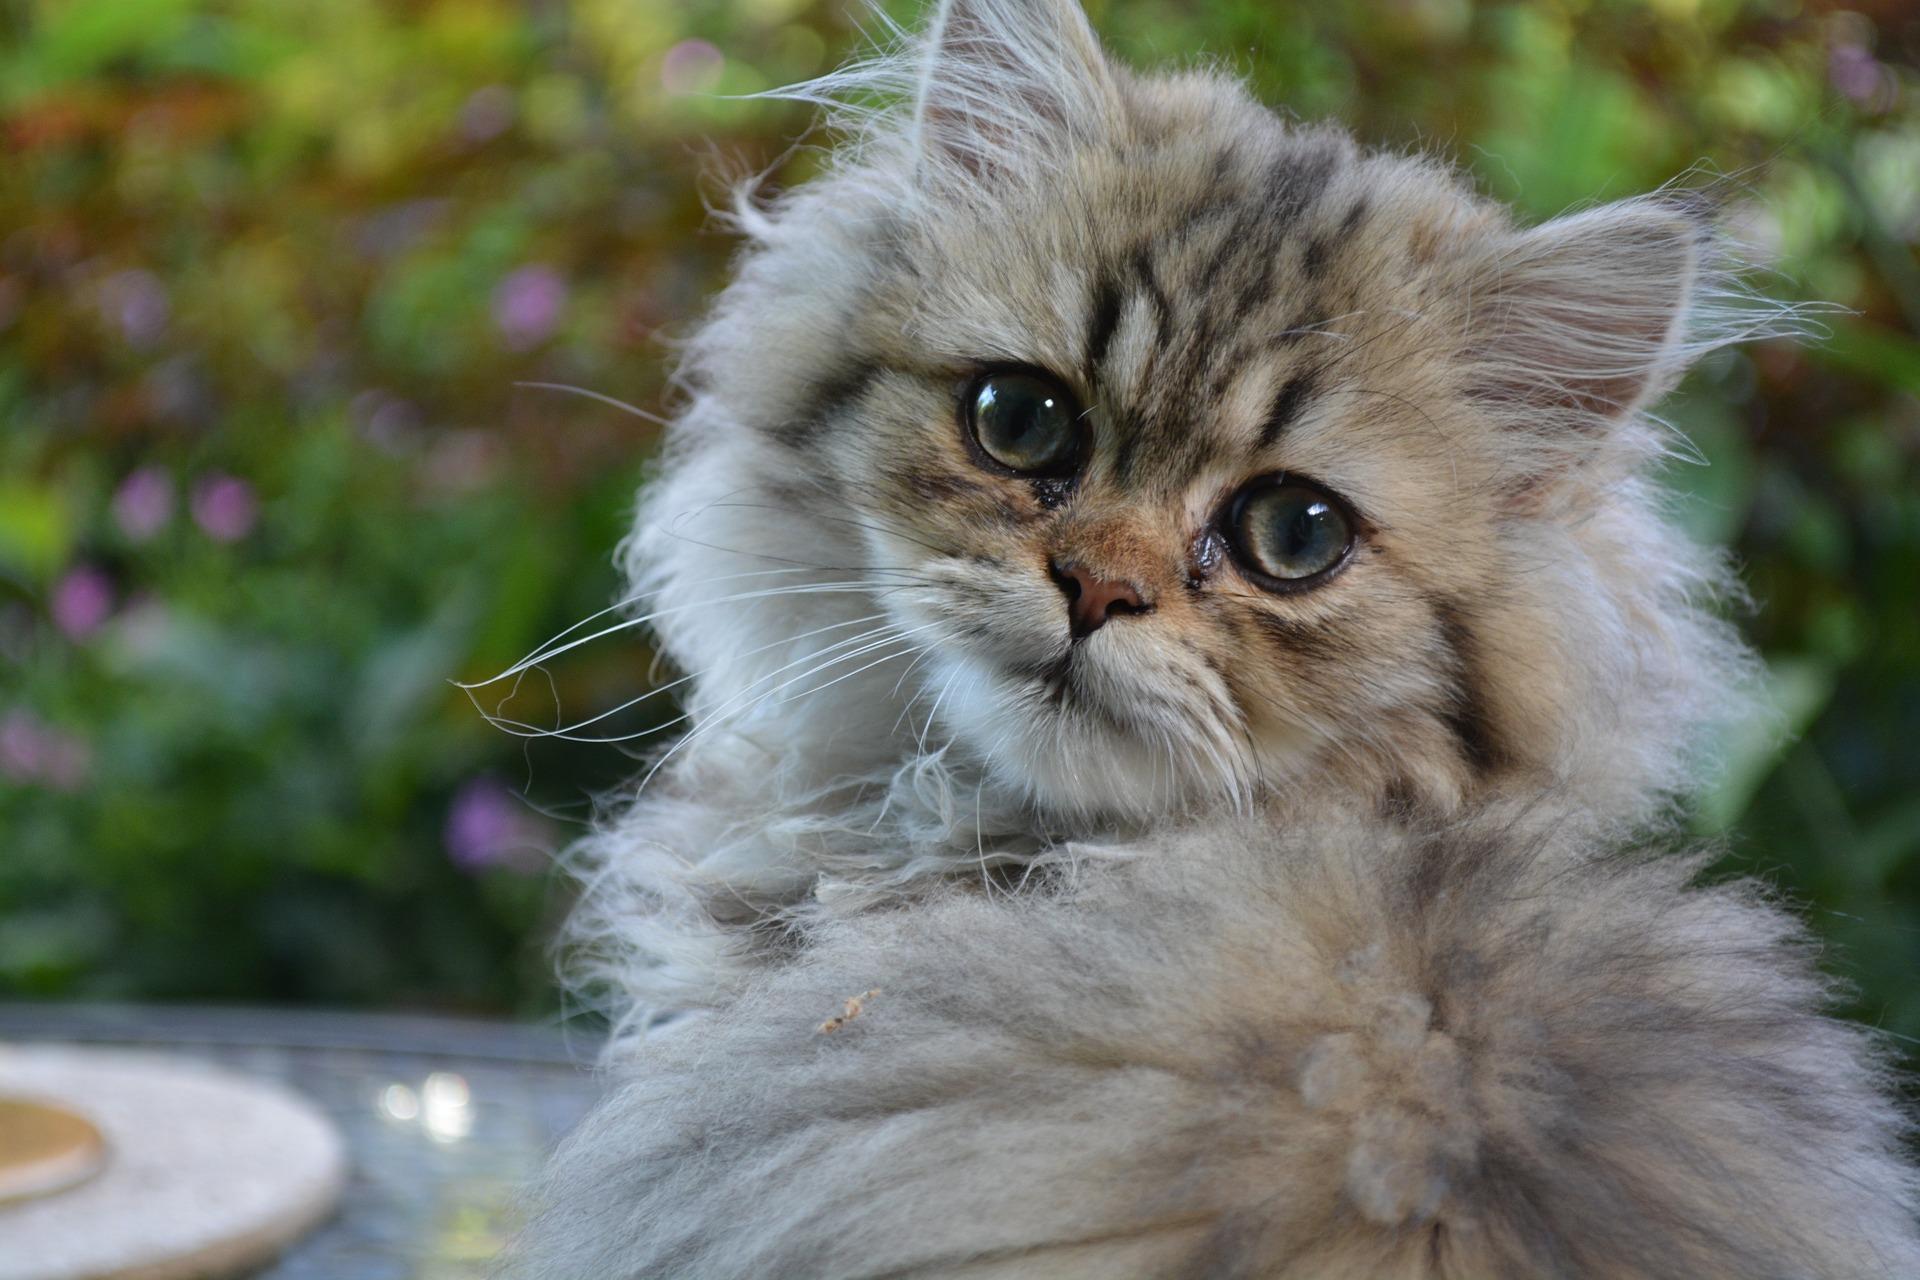 بالصور اجمل الصور للقطط في العالم , صور جميله للقطط في العالم 3105 2